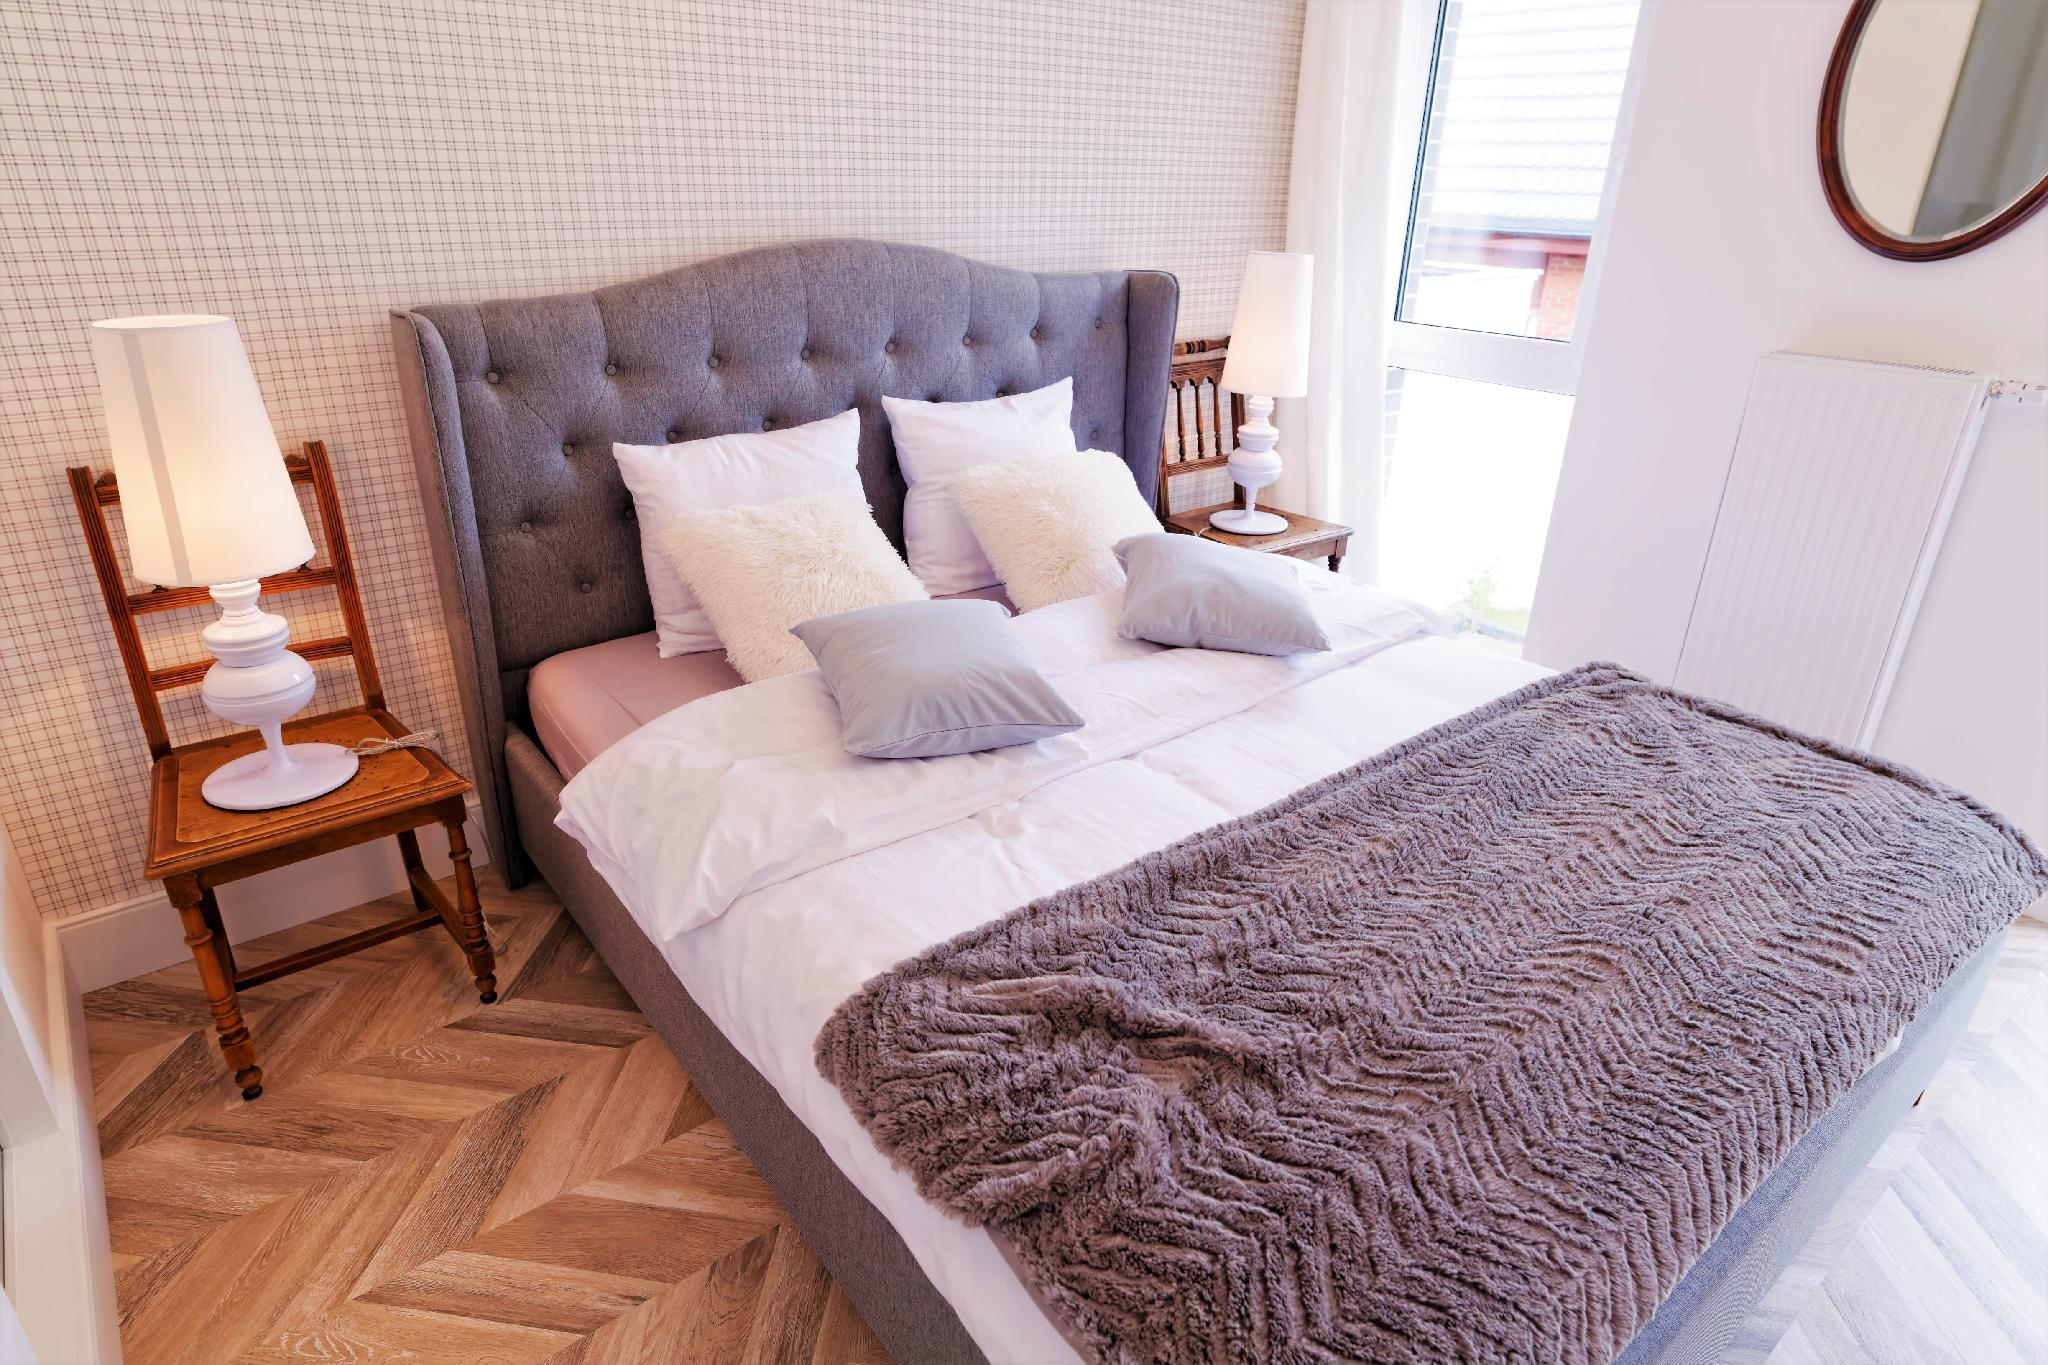 New And Stylish Boho Apartment